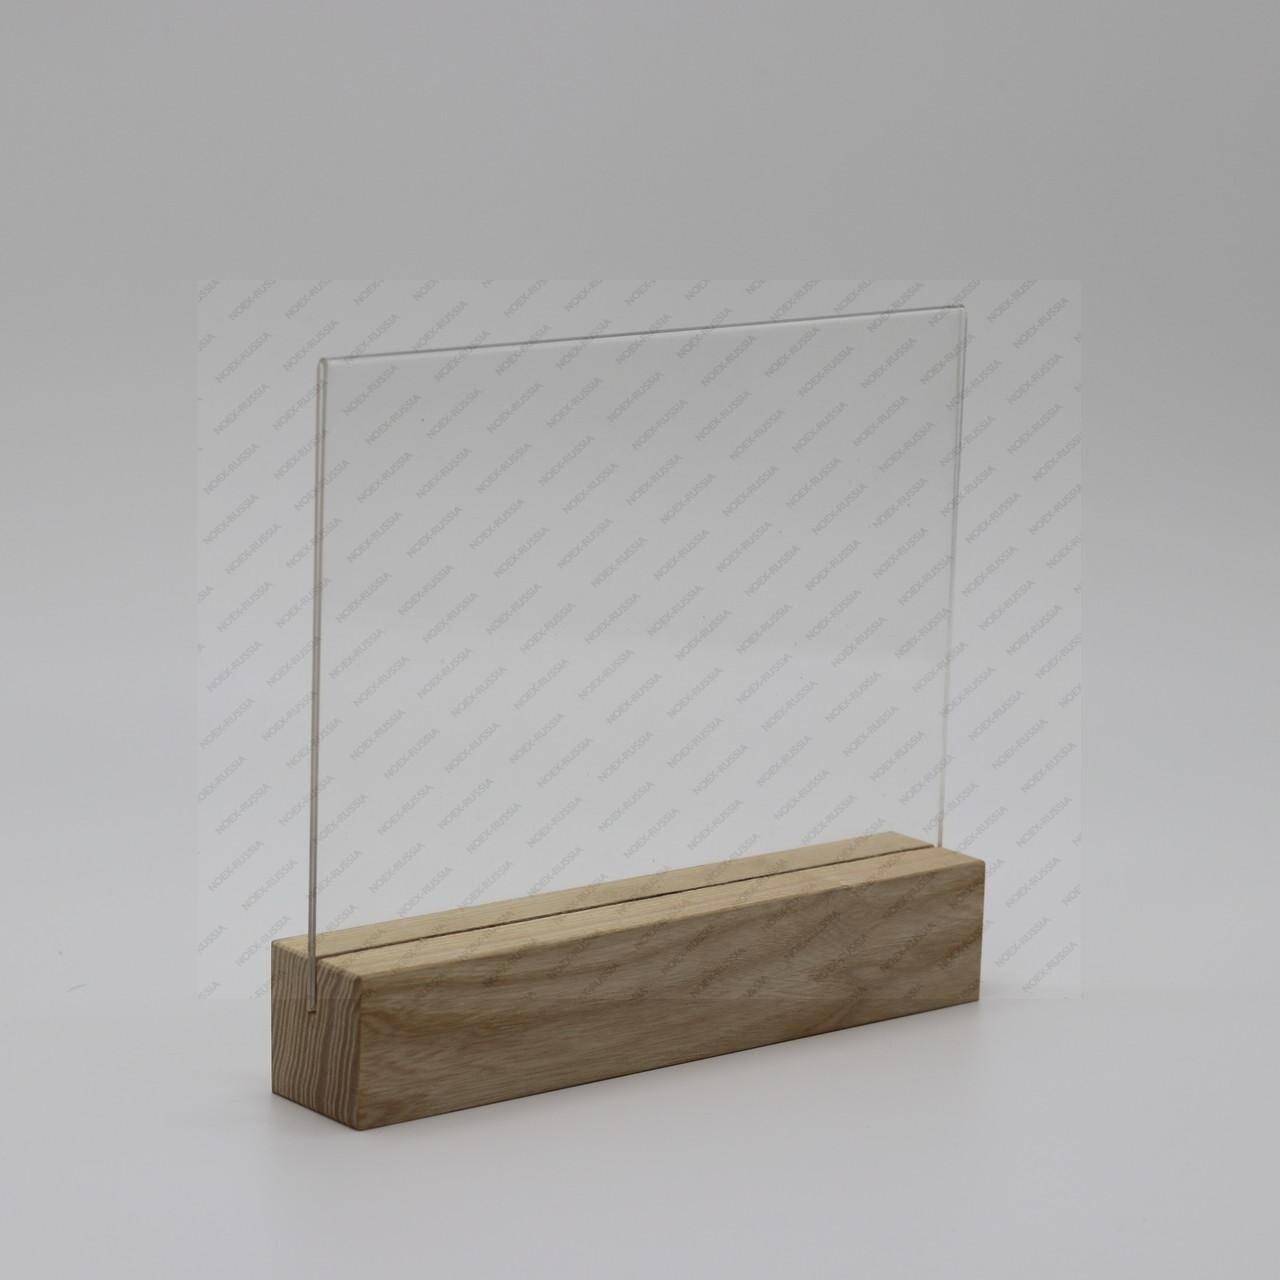 Тейбл тенты и менюхолдеры А3 горизонтальные с деревянным основанием магазин оптом